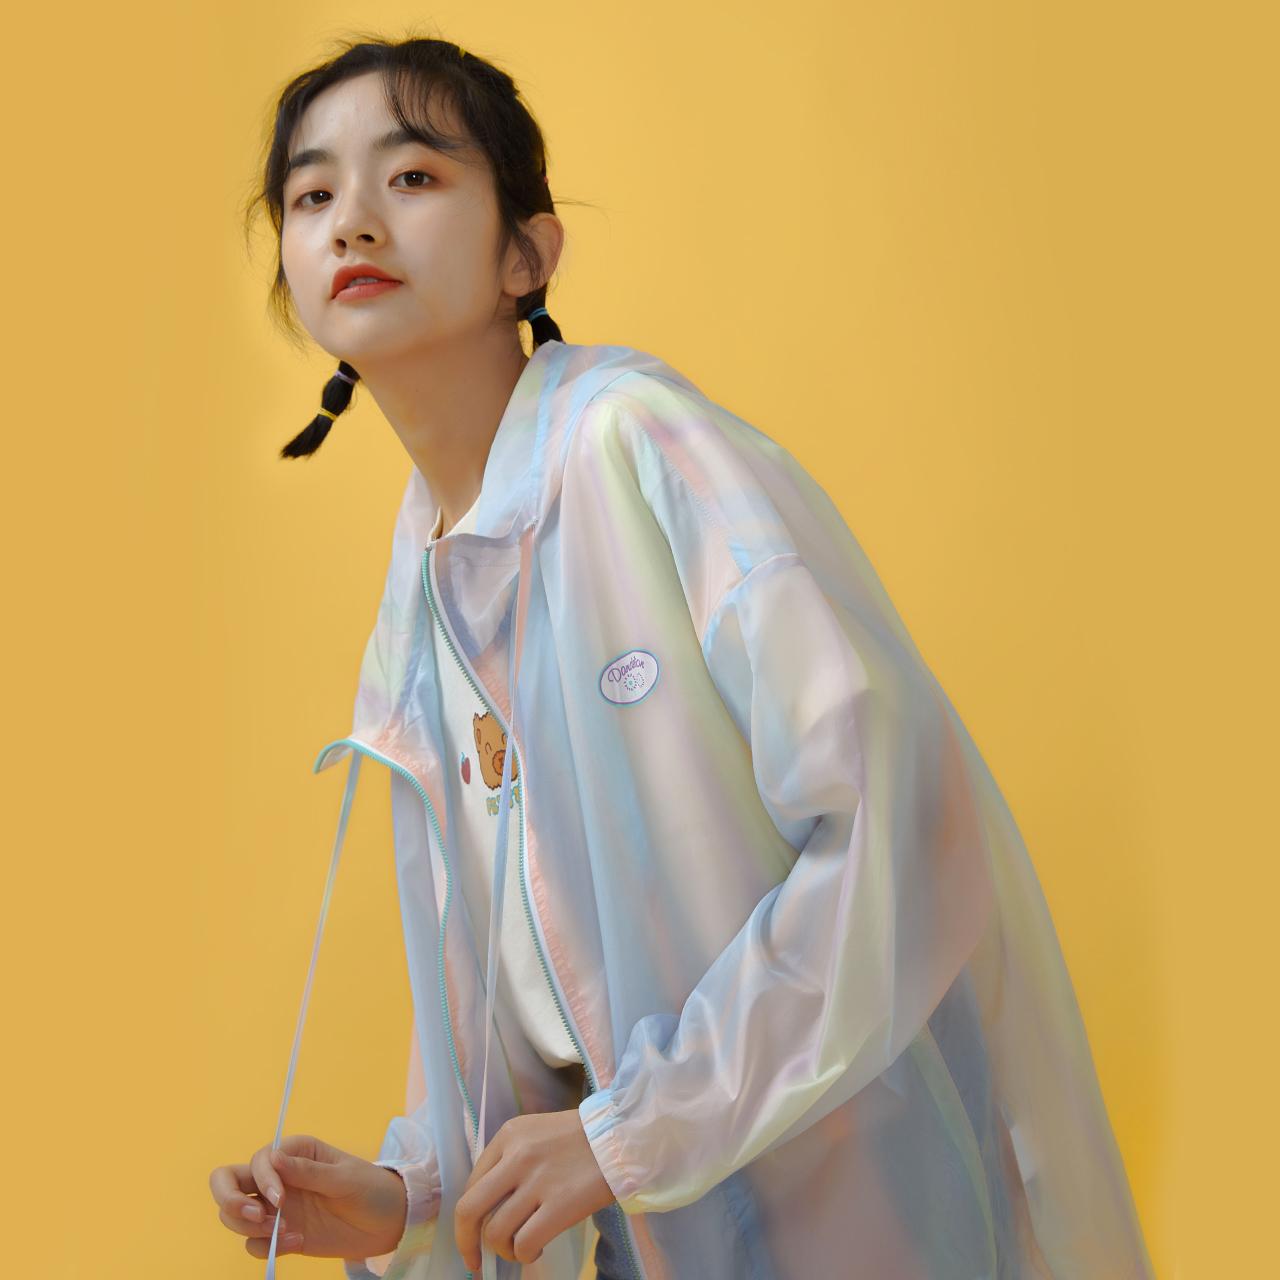 尔给日系古着炸街外套女薄款2020新款潮学生防晒衫韩版宽松图片